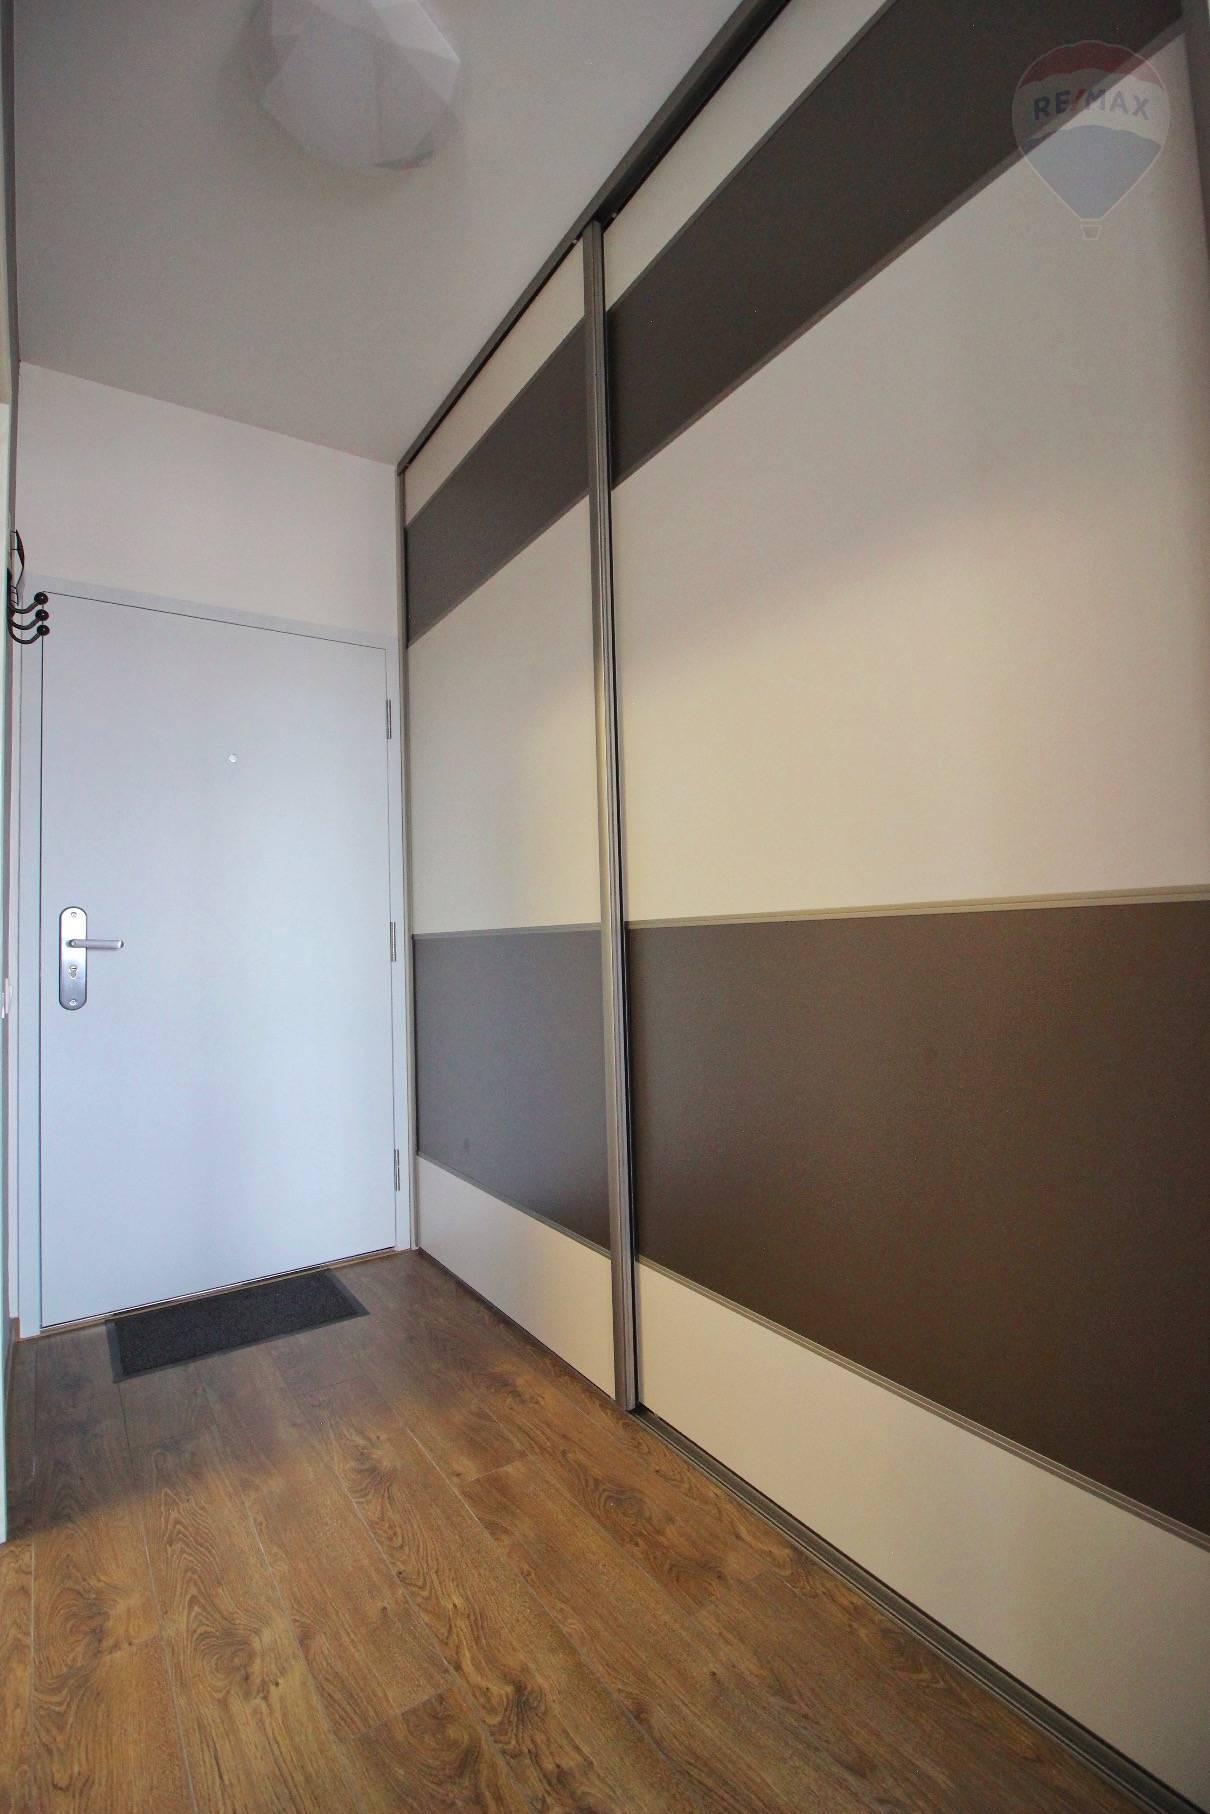 Prenájom bytu (2 izbový) 39 m2, Bratislava - Devínska Nová Ves - ŠTÝLOVÝ A MODERNÝ BYT V NOVOSTAVBE - EŠTE NEOBÝVANÝ - ZARIADENÝ - Bory Bývanie - Top ponuka - Predsieň